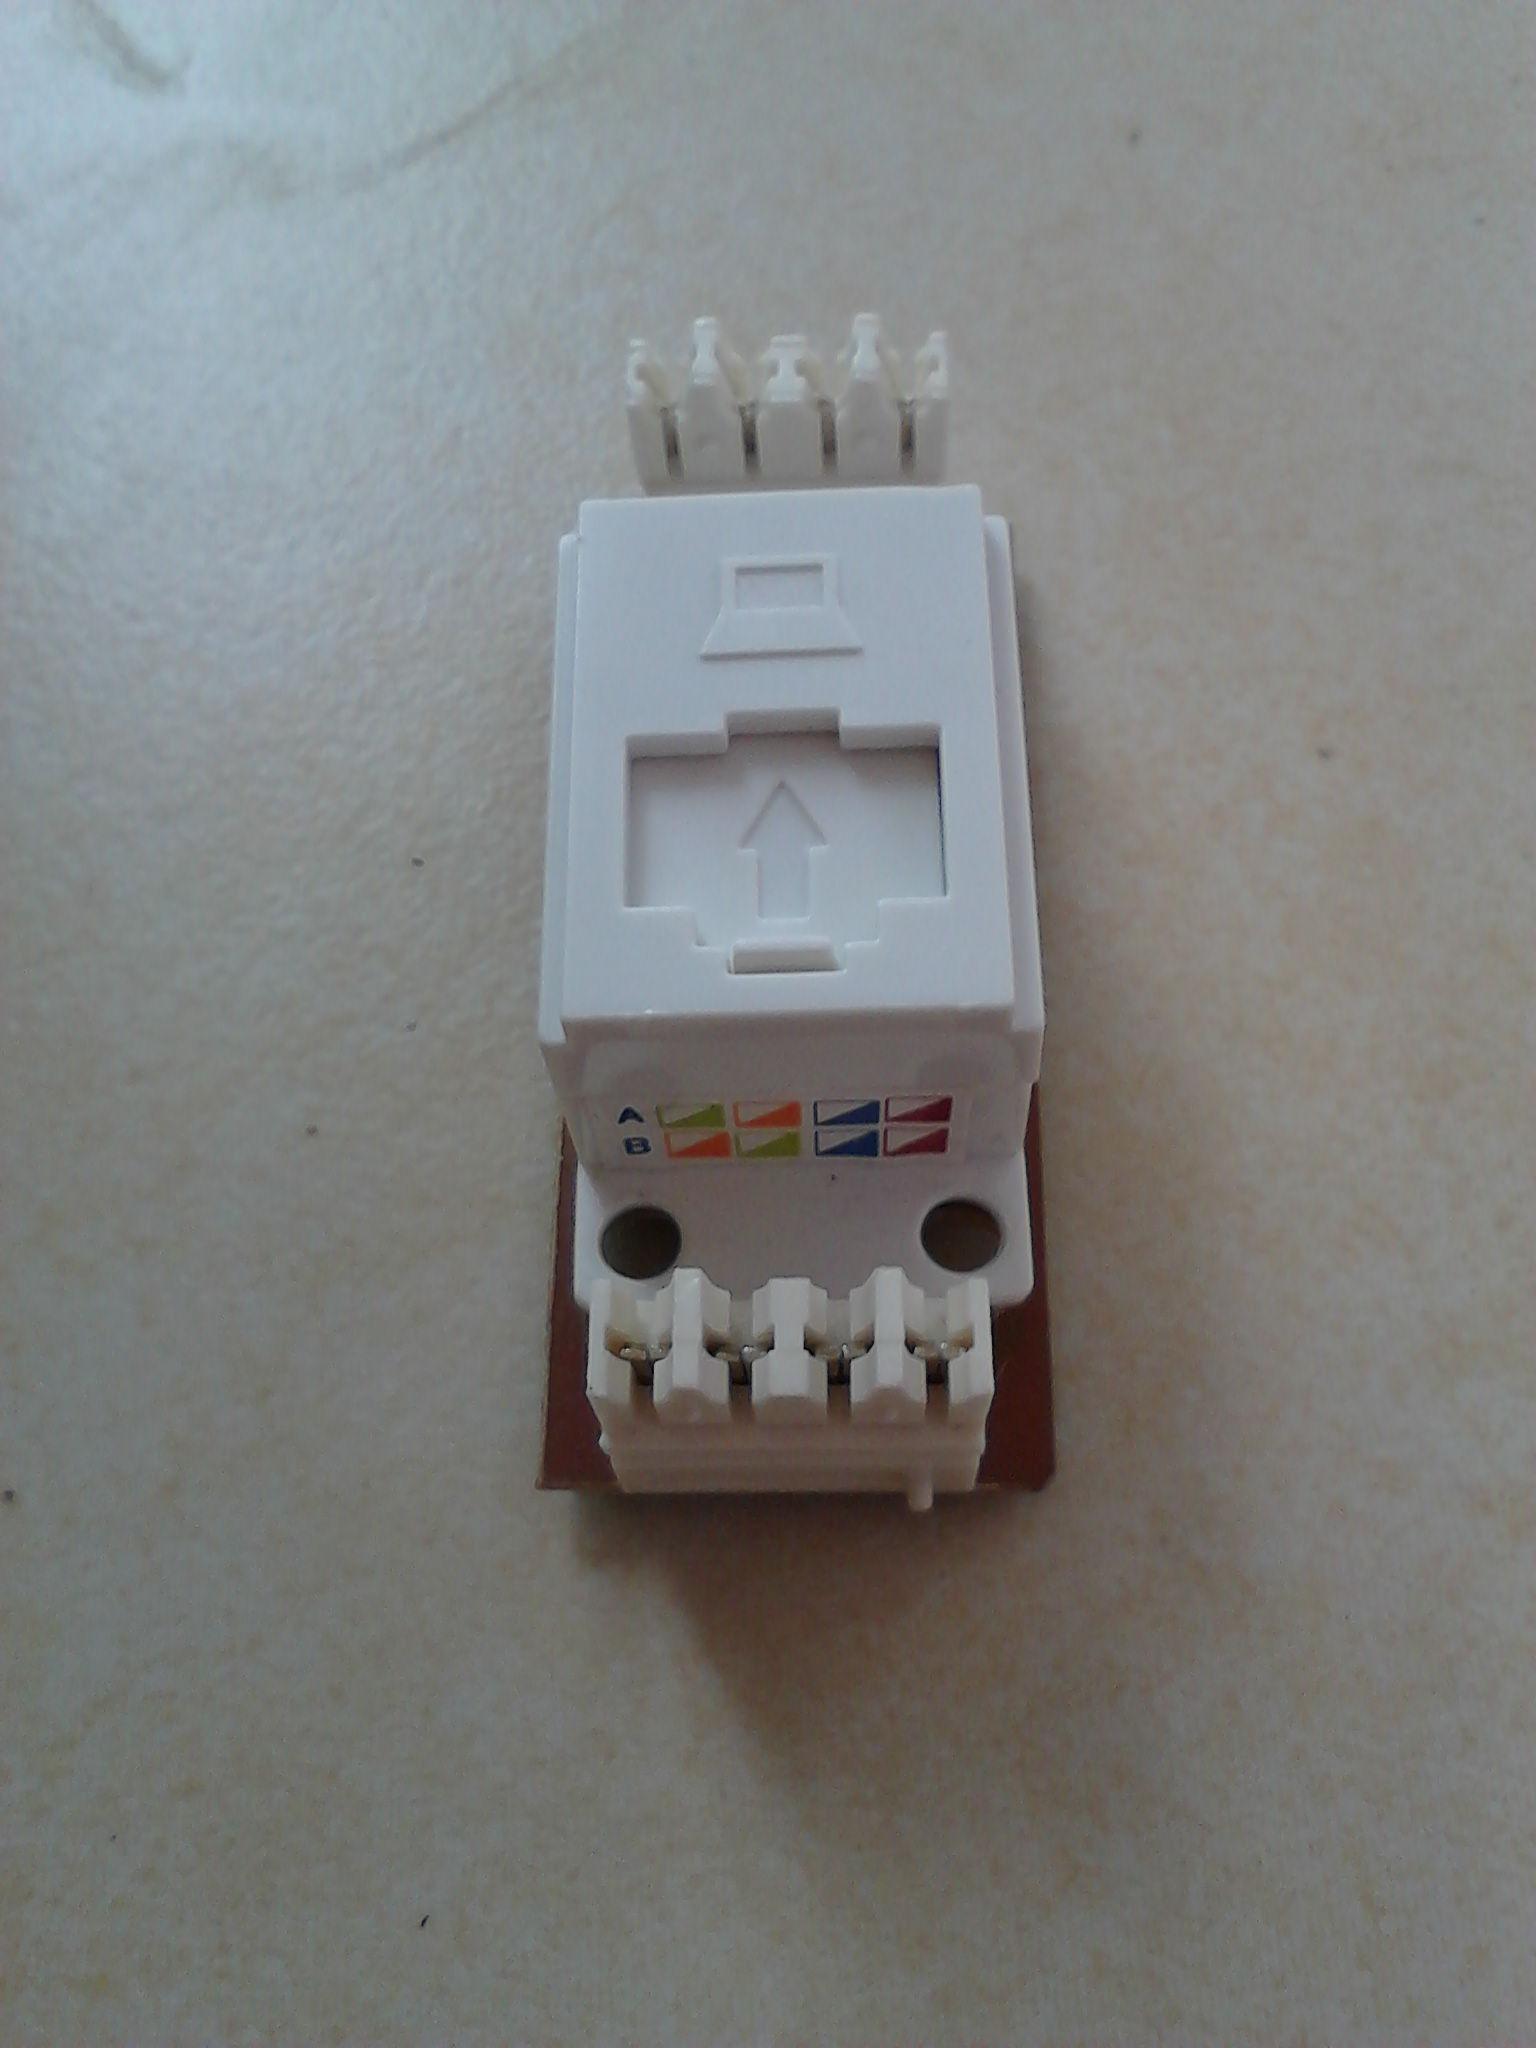 企业网络理员_网线插座接法在网上找的都是不一样的求这种接线盒的网线接法